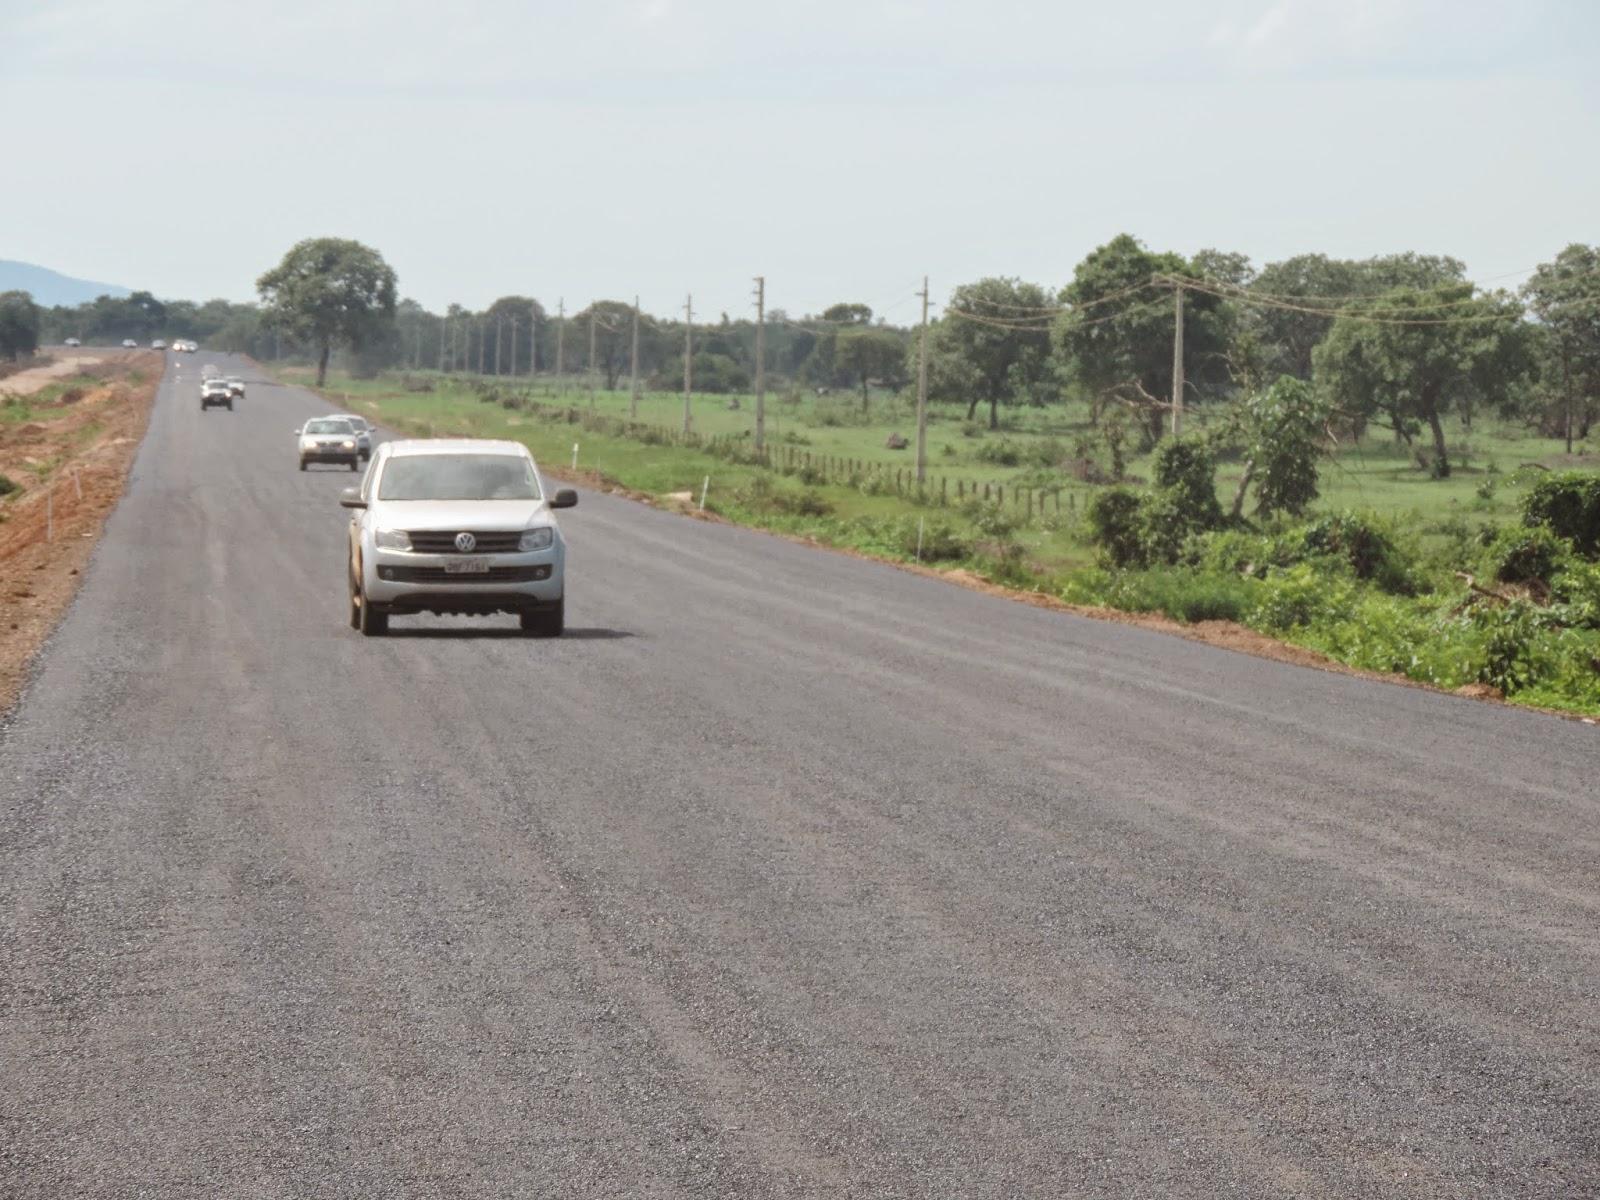 Durante visita do governador, prefeita de Nova Nazaré fala sobre a travessia urbana e MT-Integrado